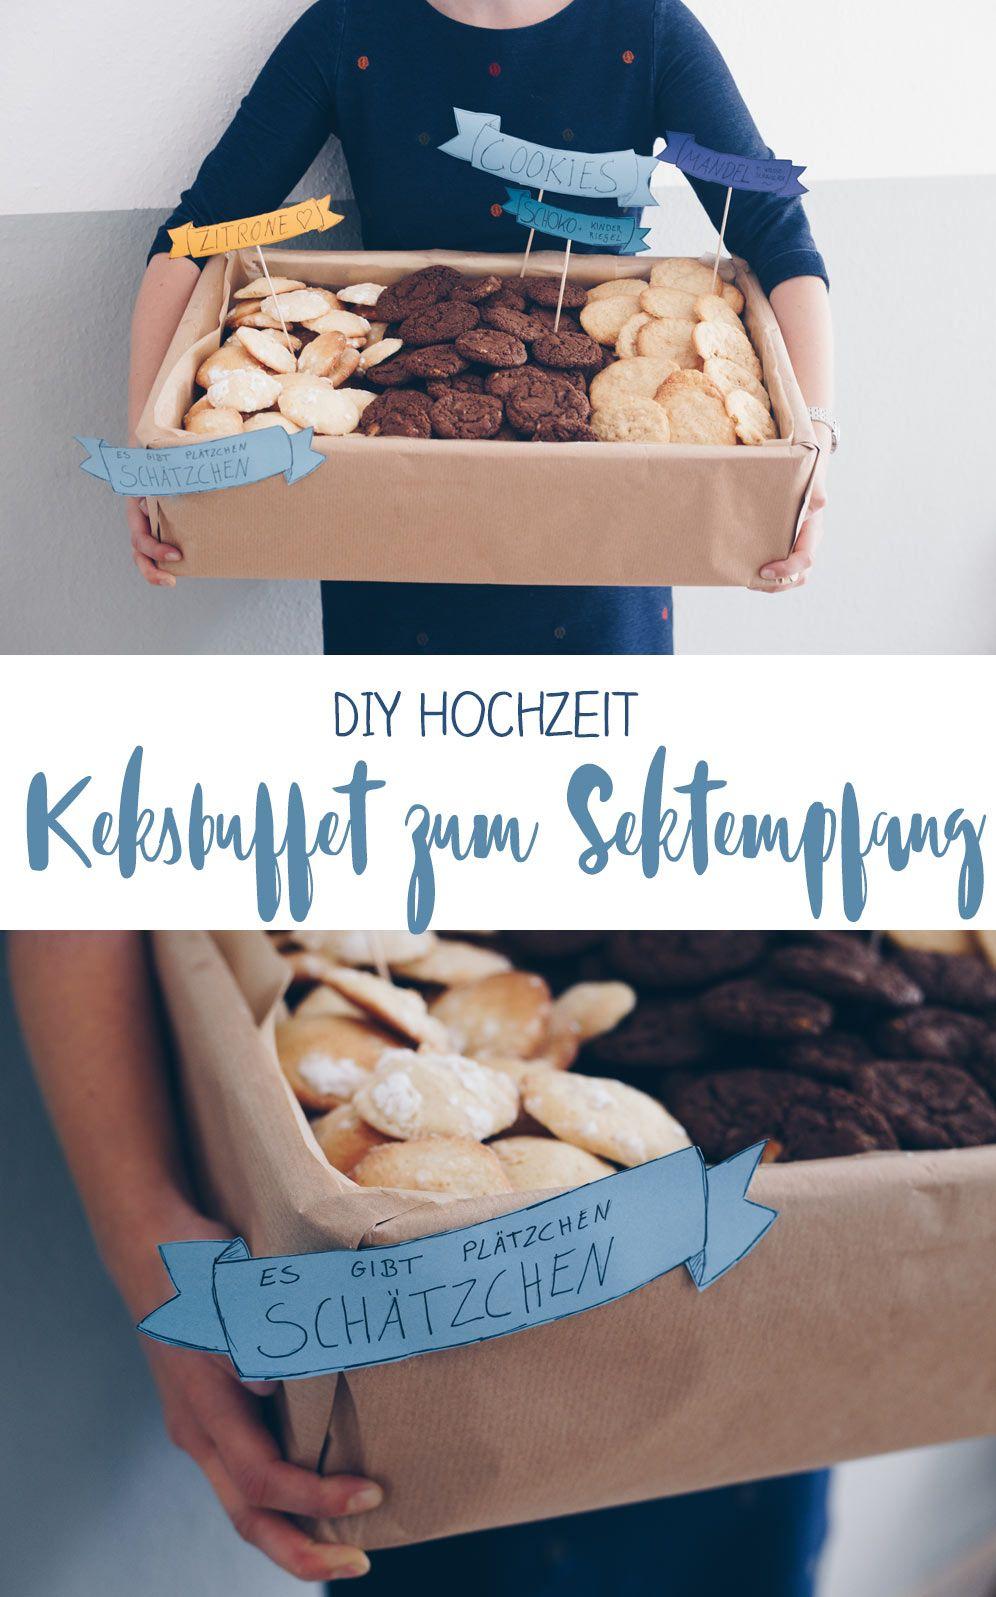 Keksbuffet zum Sektempfang - Idee für die DIY Hochzeit #decorationengagement